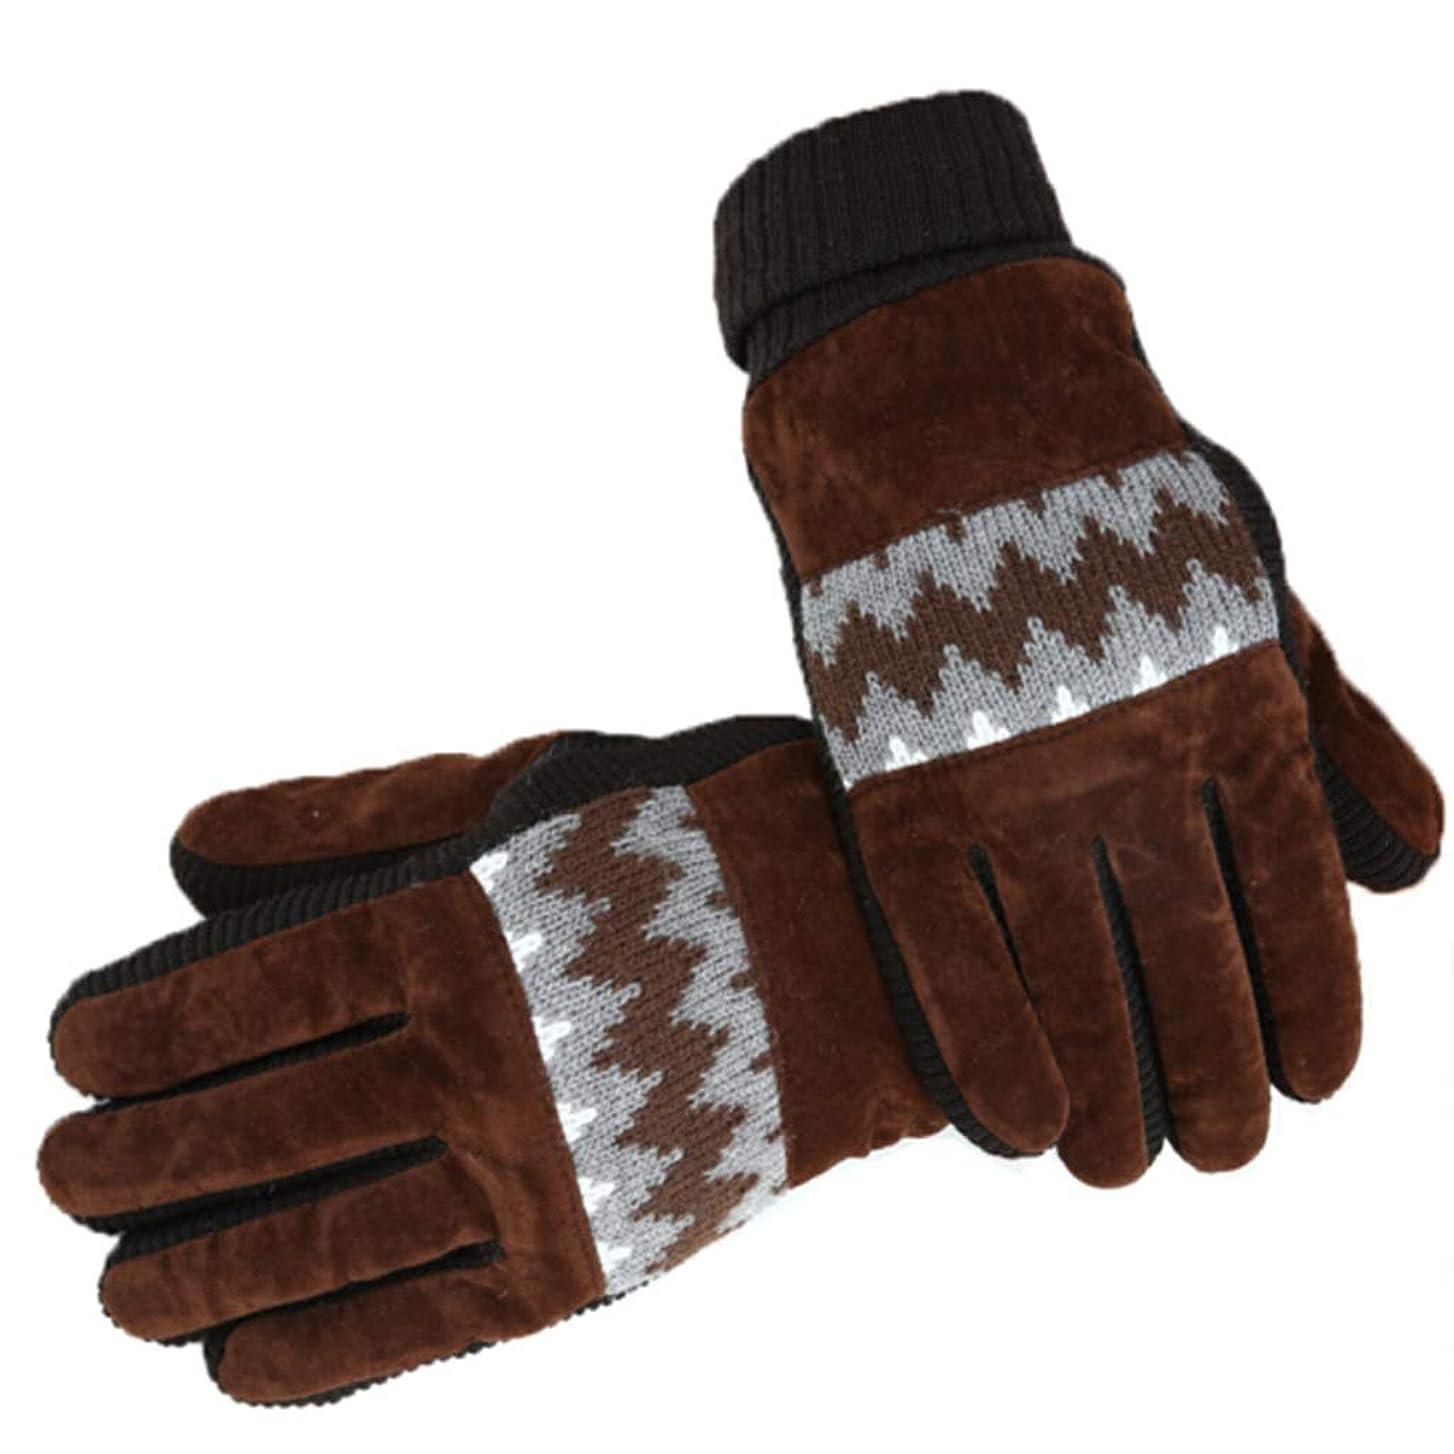 ホップフィラデルフィア冒険家手袋の男性の冬プラスベルベット寒い暖かいサイクリング秋と冬の防風タッチスクリーンの綿手袋の水リップル黒 (色 : Brown)